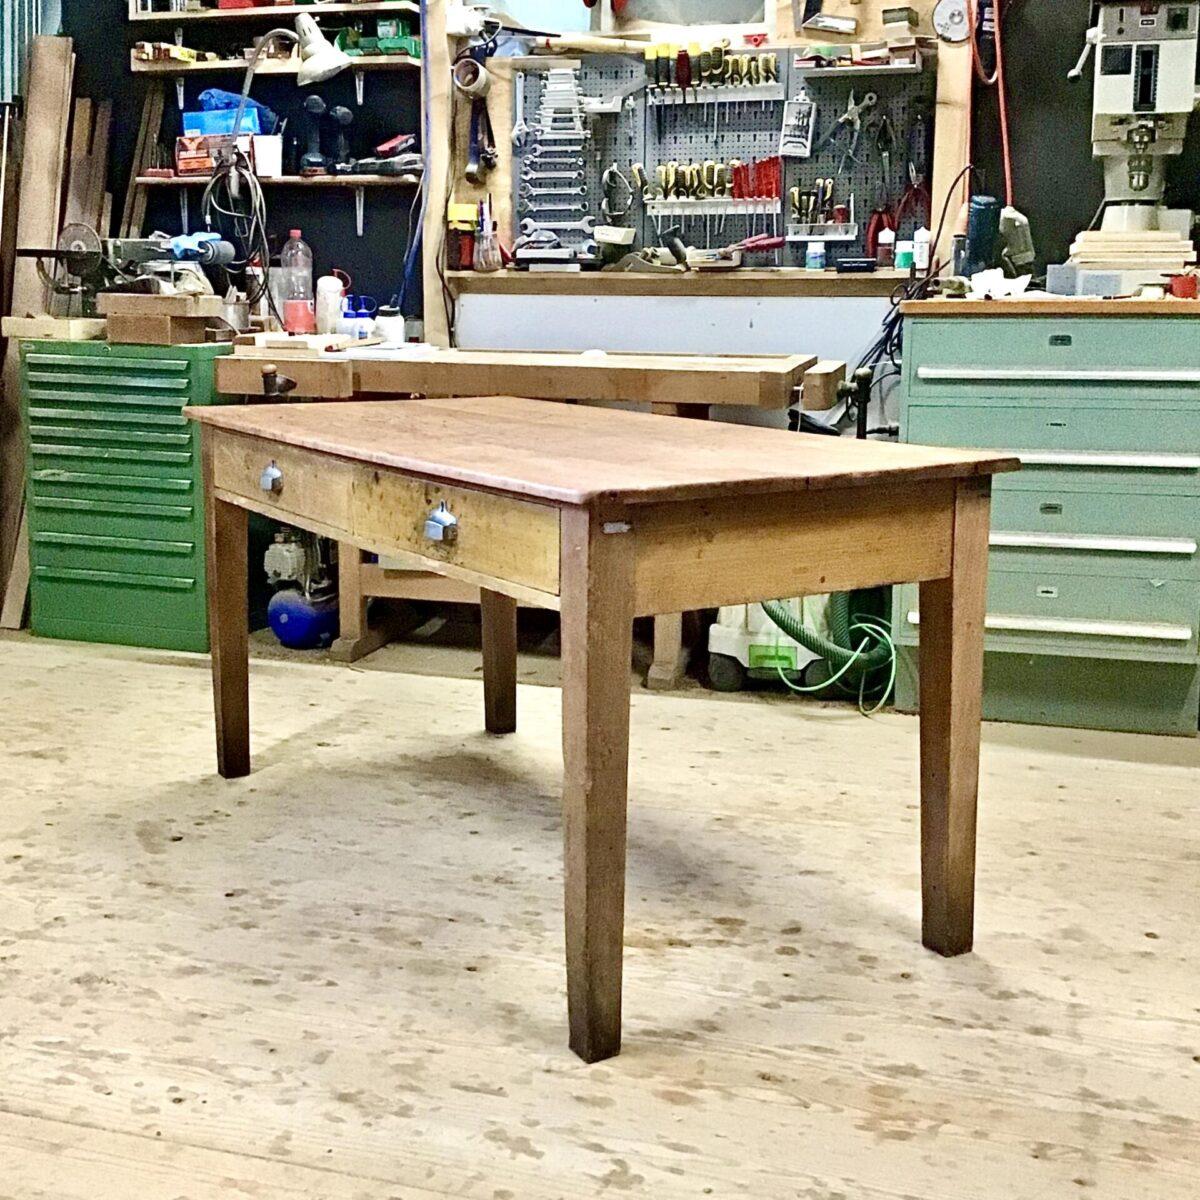 Alter Arbeitstisch 157mal77cm höhe 78cm. Die aufbereitete Tisch Oberfläche eignet sich auch zum normalen Esstisch, basteltisch oder nähtisch. Stämmiger Unterbau zwei Schubladen mit muschelgriffen.